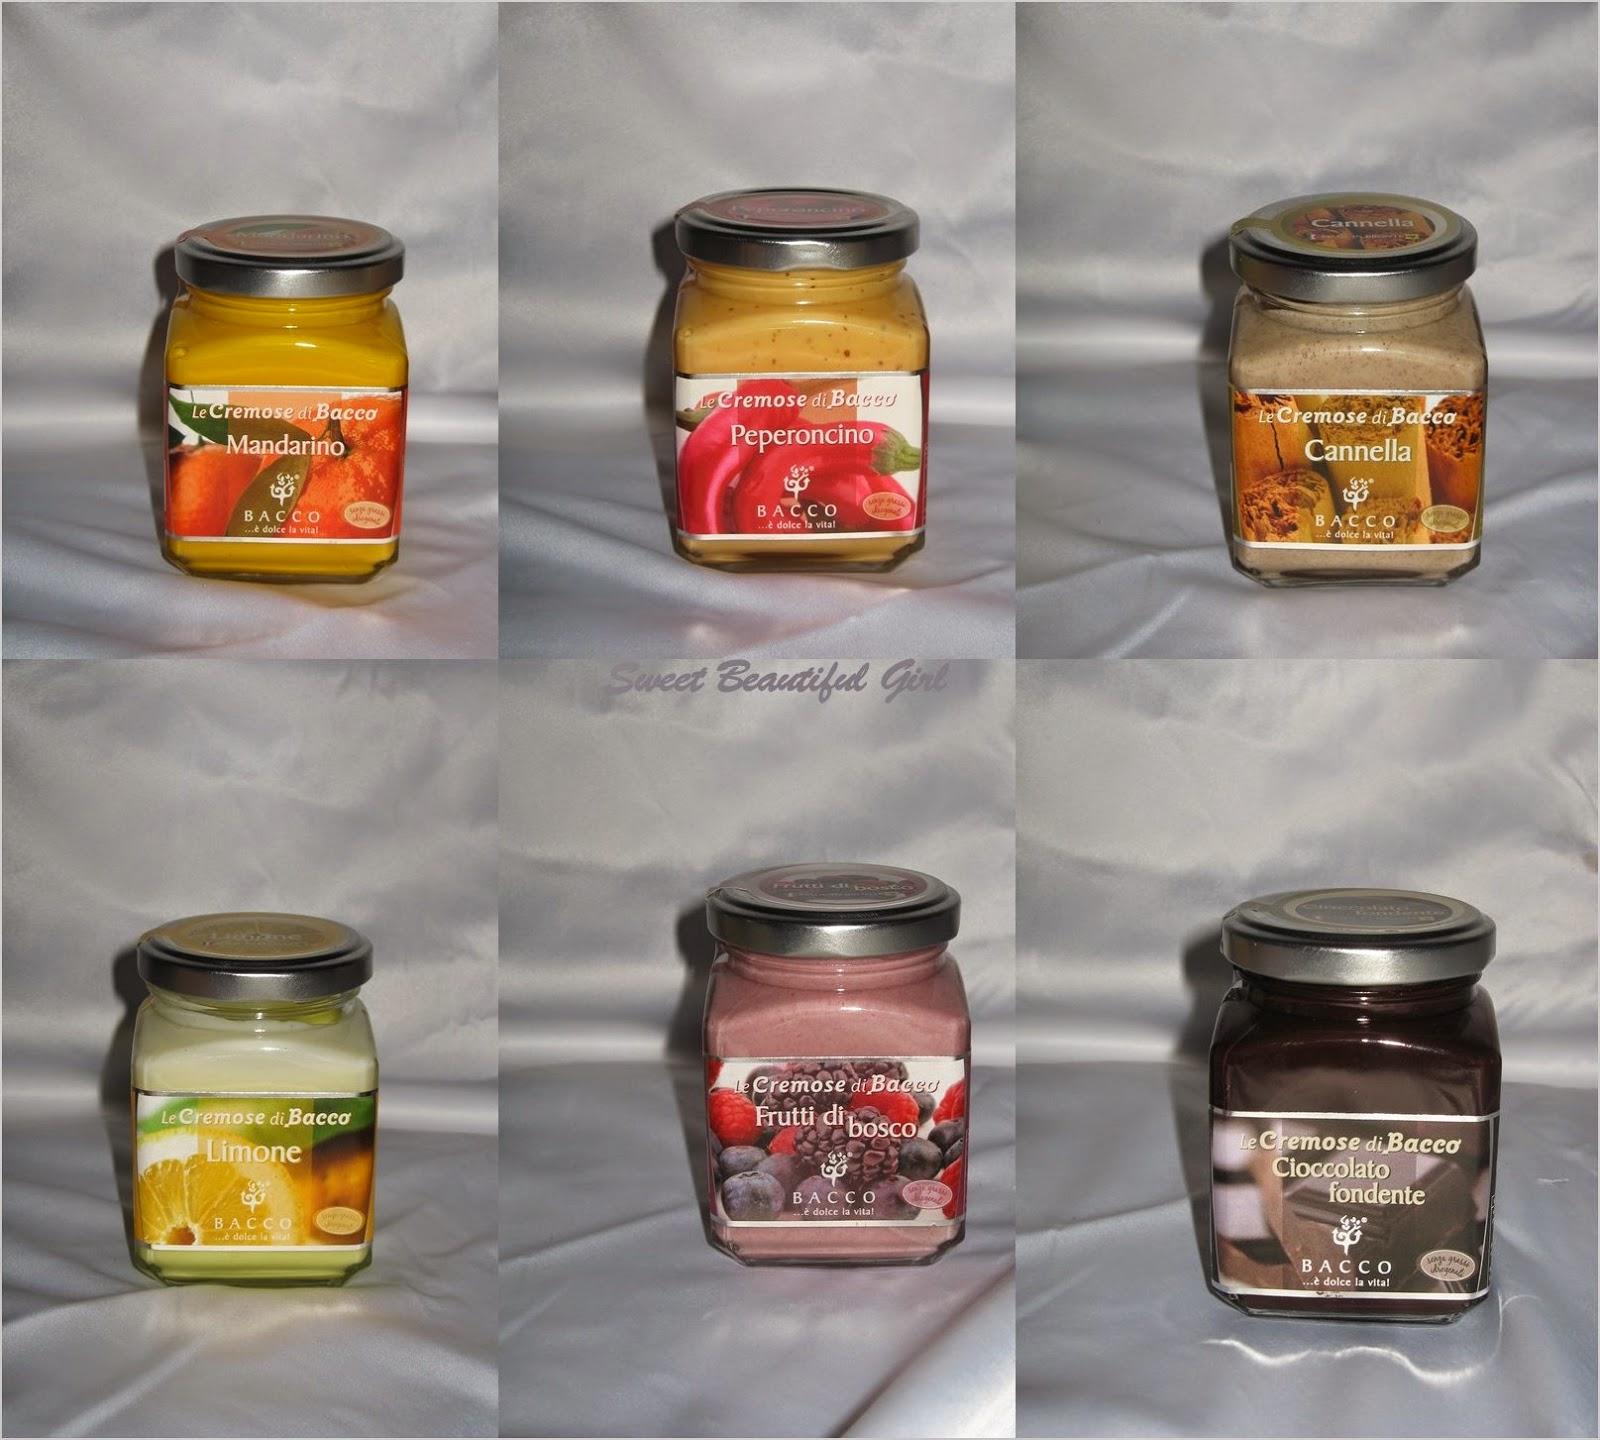 crema mandarino, crema peperoncino, crema cannella, crema cioccolato fondente, crema limone, crema frutti di bosco